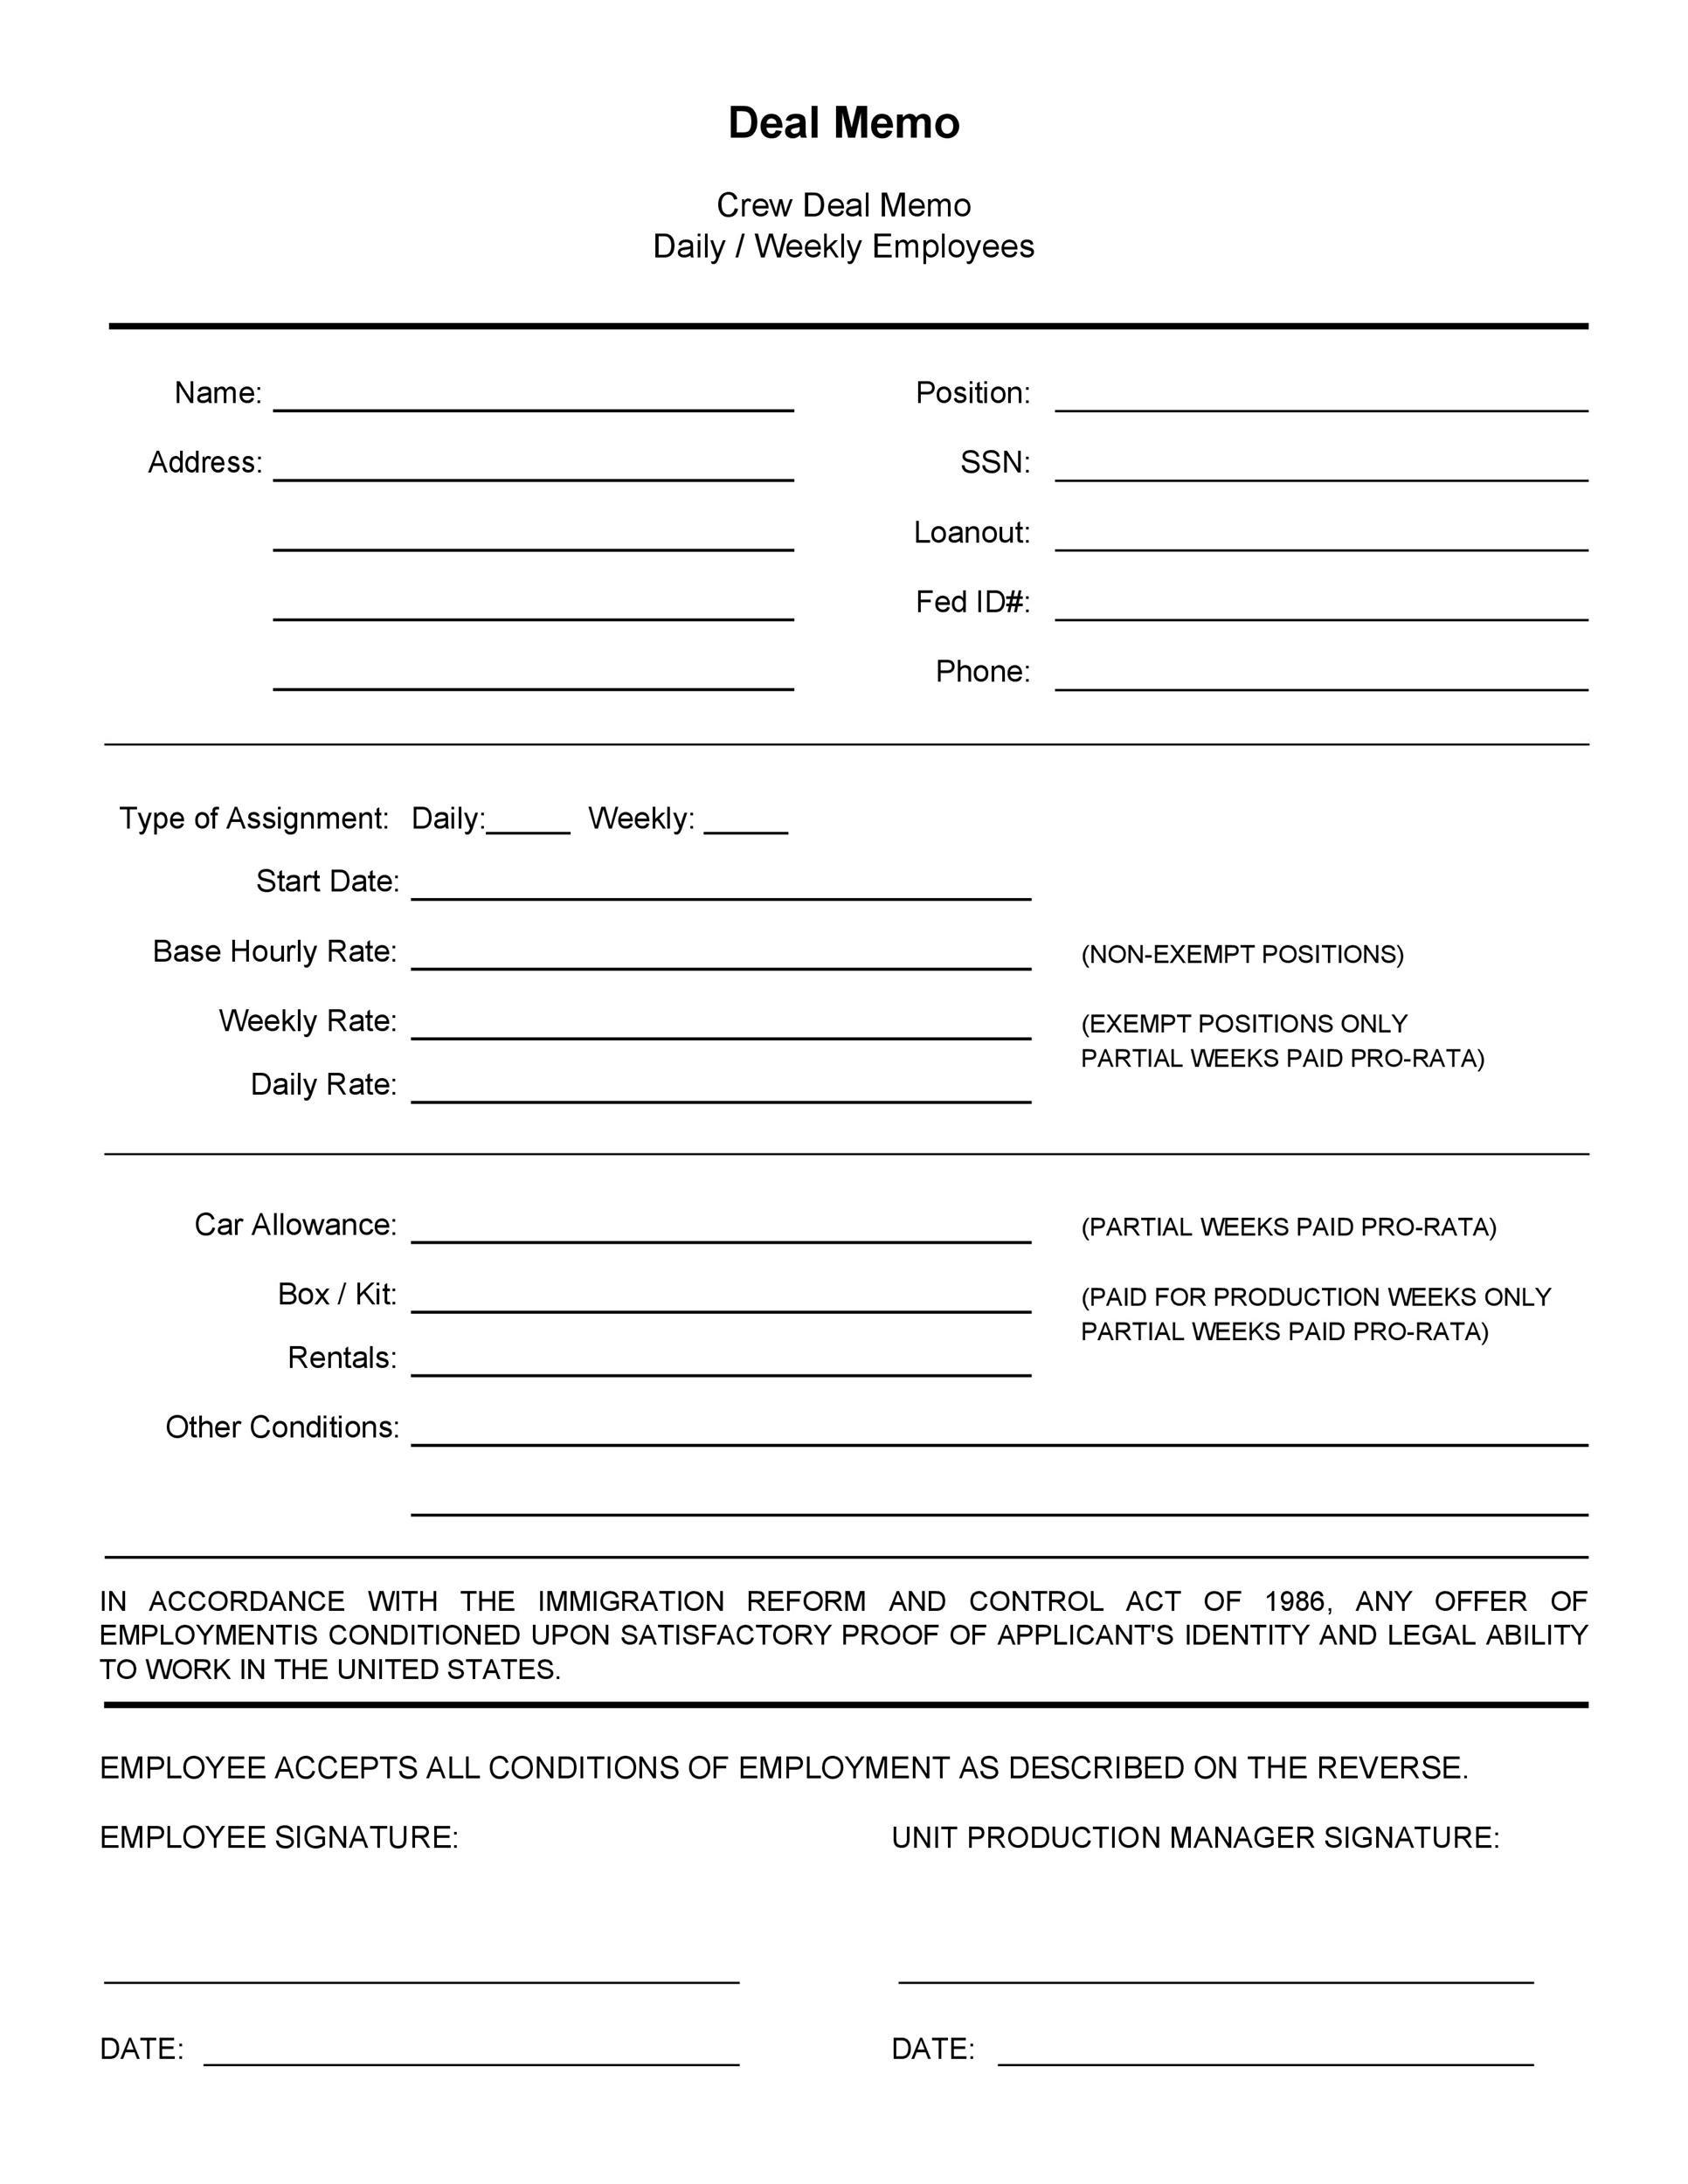 Free deal memo template 40